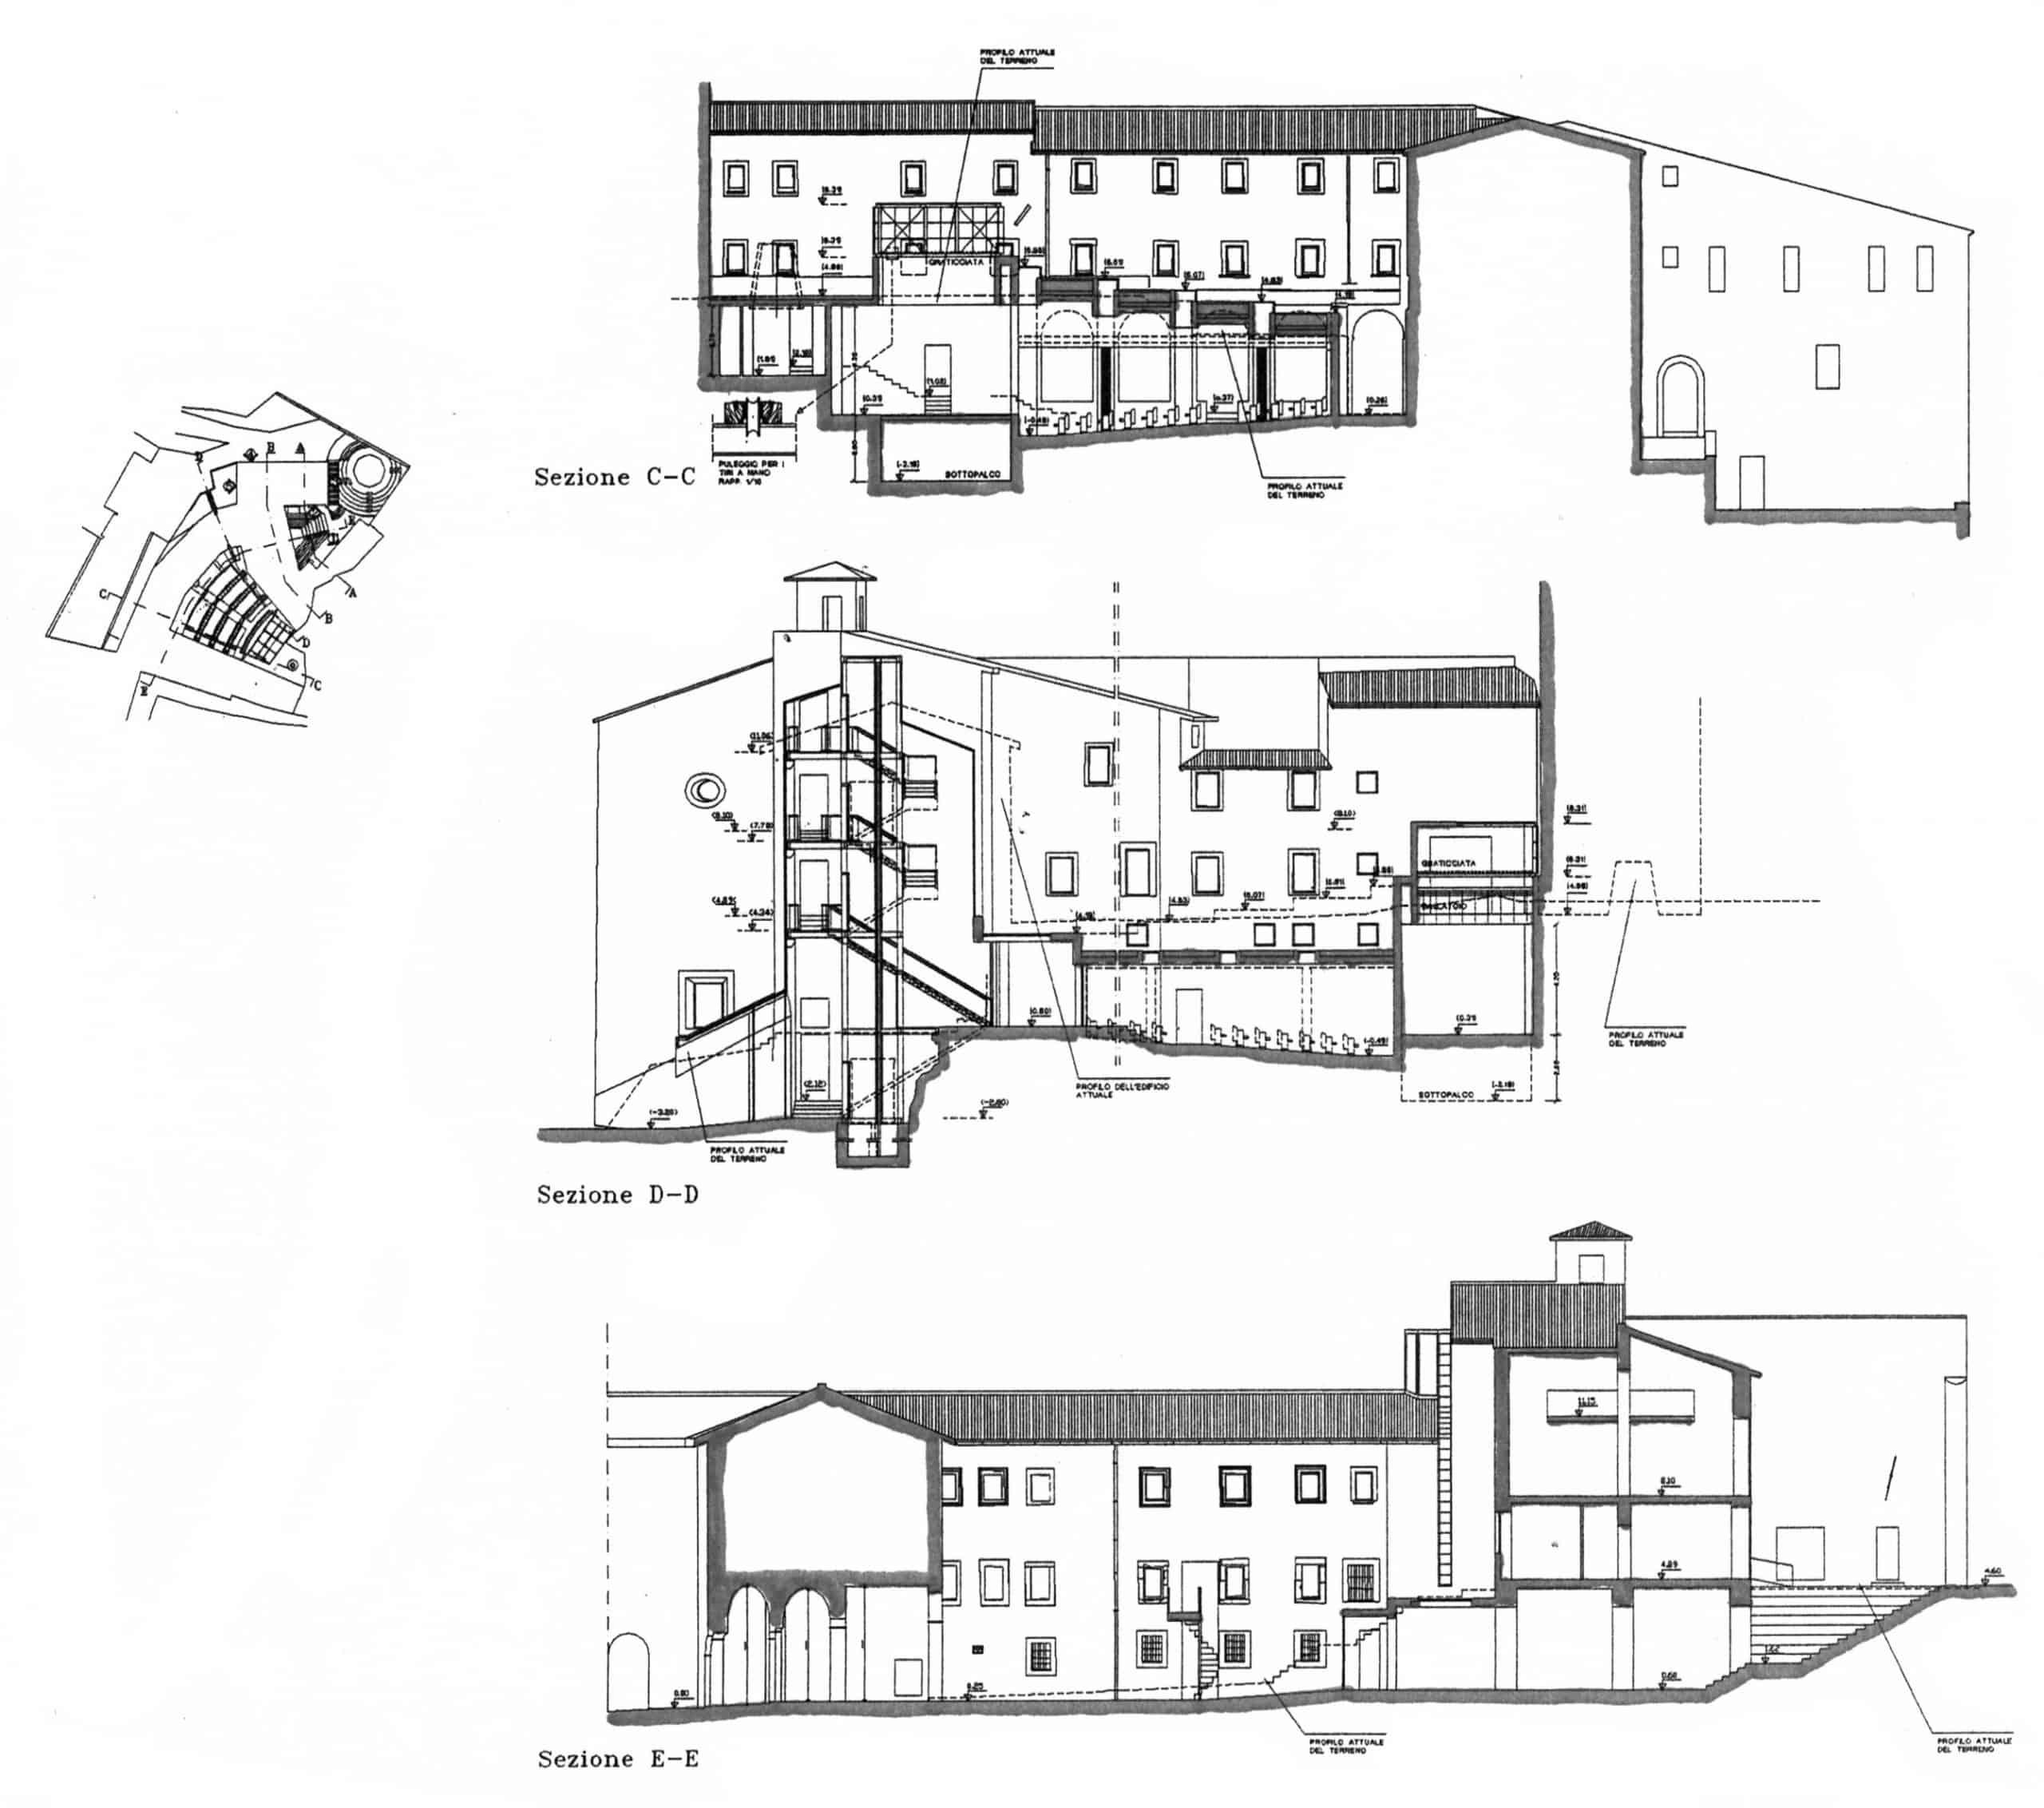 15 - Progetto per il recupero dell'ex teatro comunale da adibire a Centro di scienze teatrali applicate, Fara Sabina (RI) - Sezioni